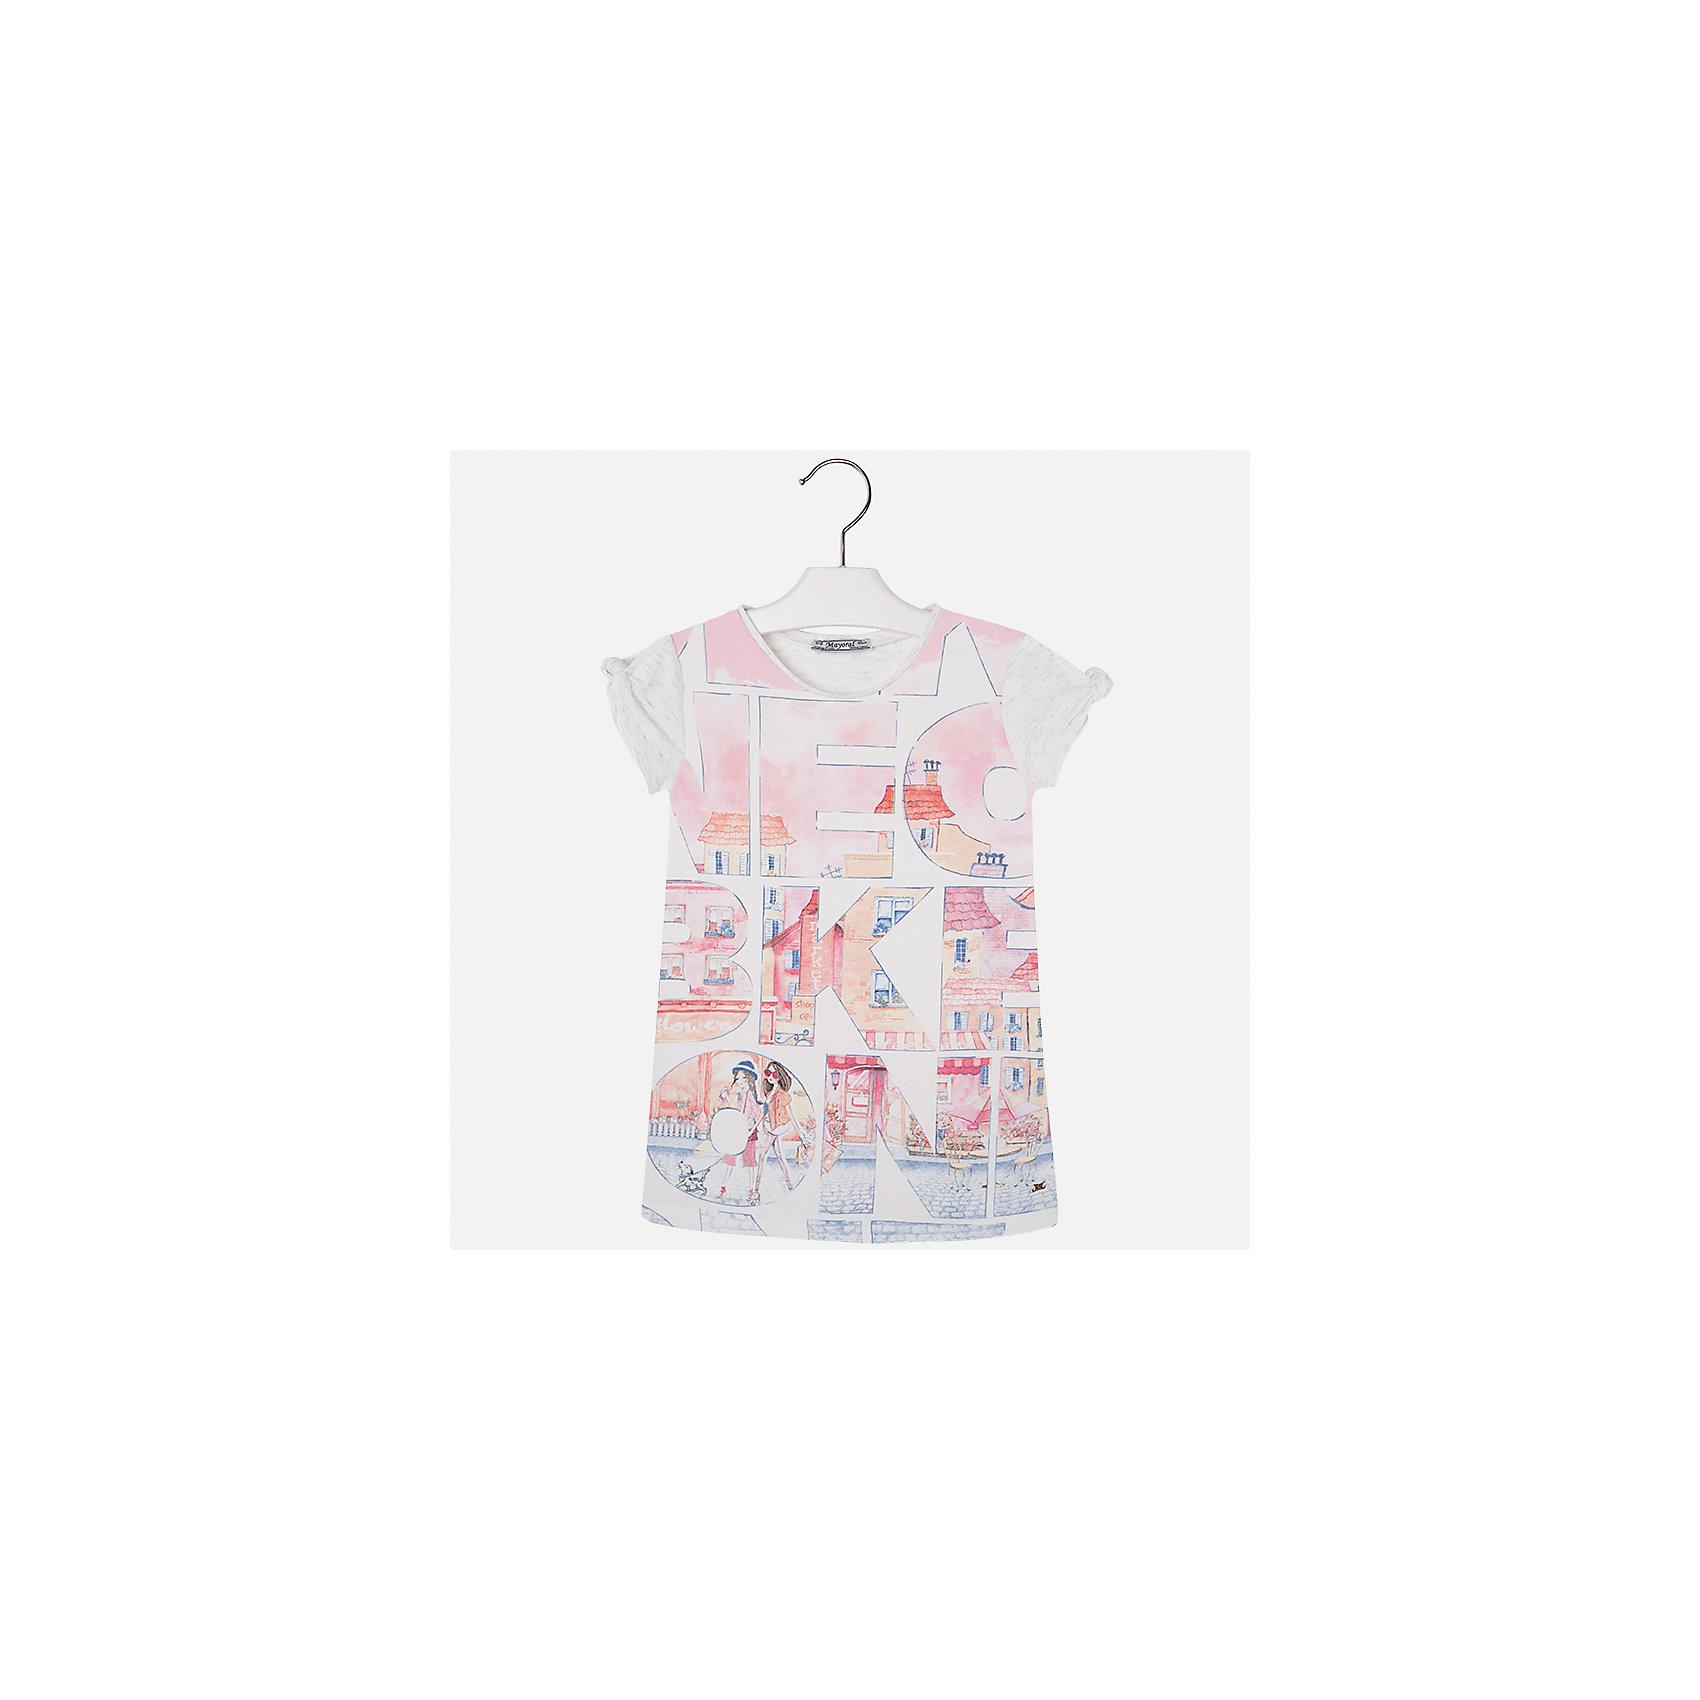 Платье для девочки MayoralЛетние платья и сарафаны<br>Характеристики товара:<br><br>• цвет: бело-розовый<br>• состав: 43% хлопок, 28% вискоза, 25% полиэстер, 4% эластан<br>• без застежки<br>• прямой силуэт<br>• короткие рукава<br>• декорировано принтом<br>• страна бренда: Испания<br><br>Стильное платье для девочки поможет разнообразить гардероб ребенка и создать эффектный наряд. Оно подойдет для различных случаев. Красивый оттенок позволяет подобрать к вещи обувь разных расцветок. Платье хорошо сидит по фигуре. В составе материала - натуральный хлопок, гипоаллергенный, приятный на ощупь, дышащий.<br><br>Одежда, обувь и аксессуары от испанского бренда Mayoral полюбились детям и взрослым по всему миру. Модели этой марки - стильные и удобные. Для их производства используются только безопасные, качественные материалы и фурнитура. Порадуйте ребенка модными и красивыми вещами от Mayoral! <br><br>Платье для девочки от испанского бренда Mayoral (Майорал) можно купить в нашем интернет-магазине.<br><br>Ширина мм: 236<br>Глубина мм: 16<br>Высота мм: 184<br>Вес г: 177<br>Цвет: розовый<br>Возраст от месяцев: 36<br>Возраст до месяцев: 48<br>Пол: Женский<br>Возраст: Детский<br>Размер: 104,110,116,122,128,134,98,92<br>SKU: 5300578